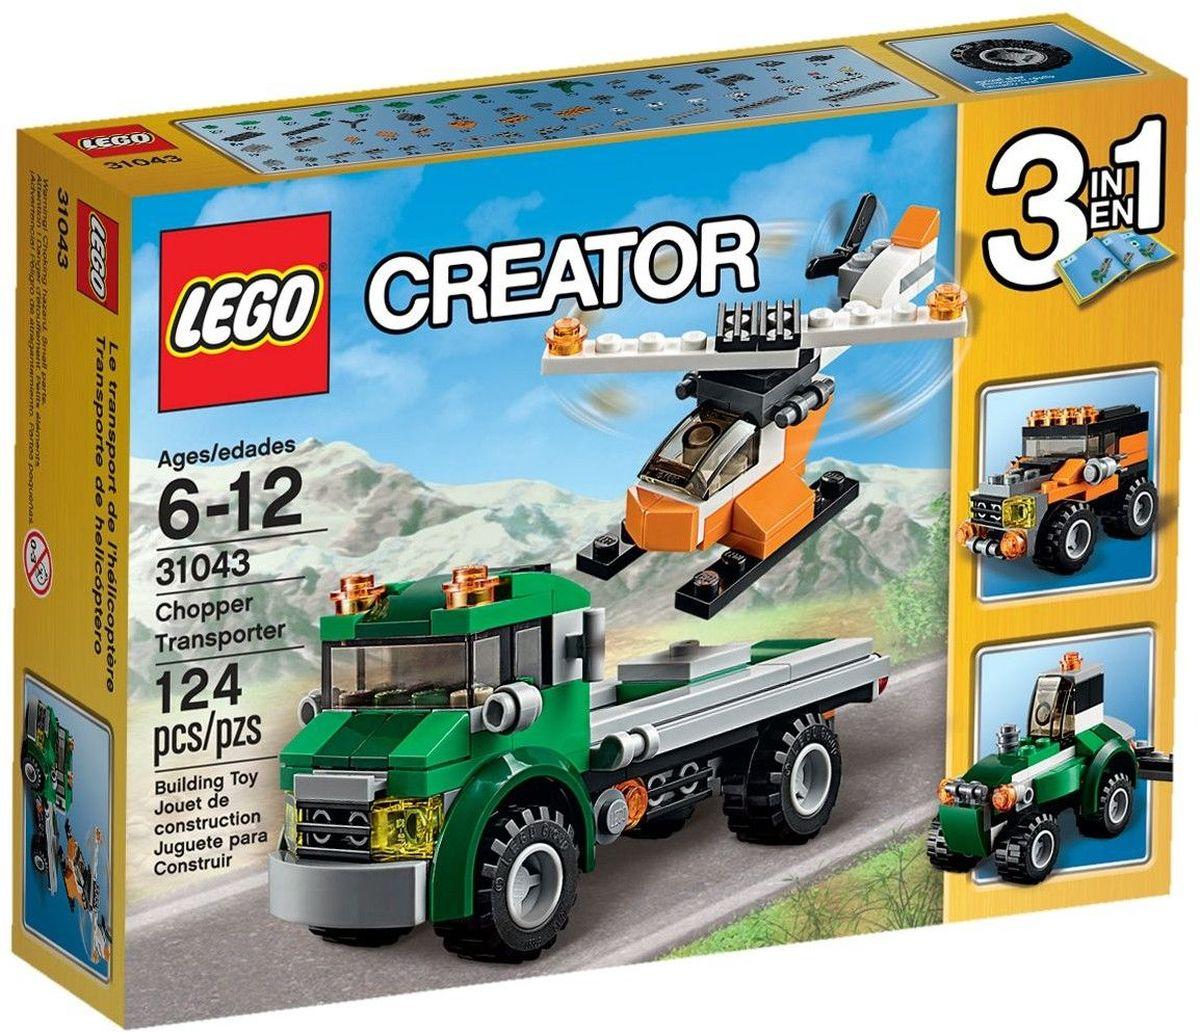 LEGO Creator Конструктор Перевозчик вертолета 3104331043Придумайте веселую игру с этим удивительным набором, в который входит мощный эвакуатор, раскрашенный в зеленый, темно-зеленый и серый цвета и имеющий 2 оранжевых предупредительных маячка и шины с глубоким протектором, а также крутой вертолет, раскрашенный в оранжевый, белый и черный цвета и включающий тонированную кабину и вращающиеся винты. Загружайте вертолет и отправляйтесь на аэродром! Перестройте его в прочный трактор или надежный внедорожник. Набор включает в себя 124 разноцветных пластиковых элемента. Конструктор - это один из самых увлекательных и веселых способов времяпрепровождения. Ребенок сможет часами играть с конструктором, придумывая различные ситуации и истории.